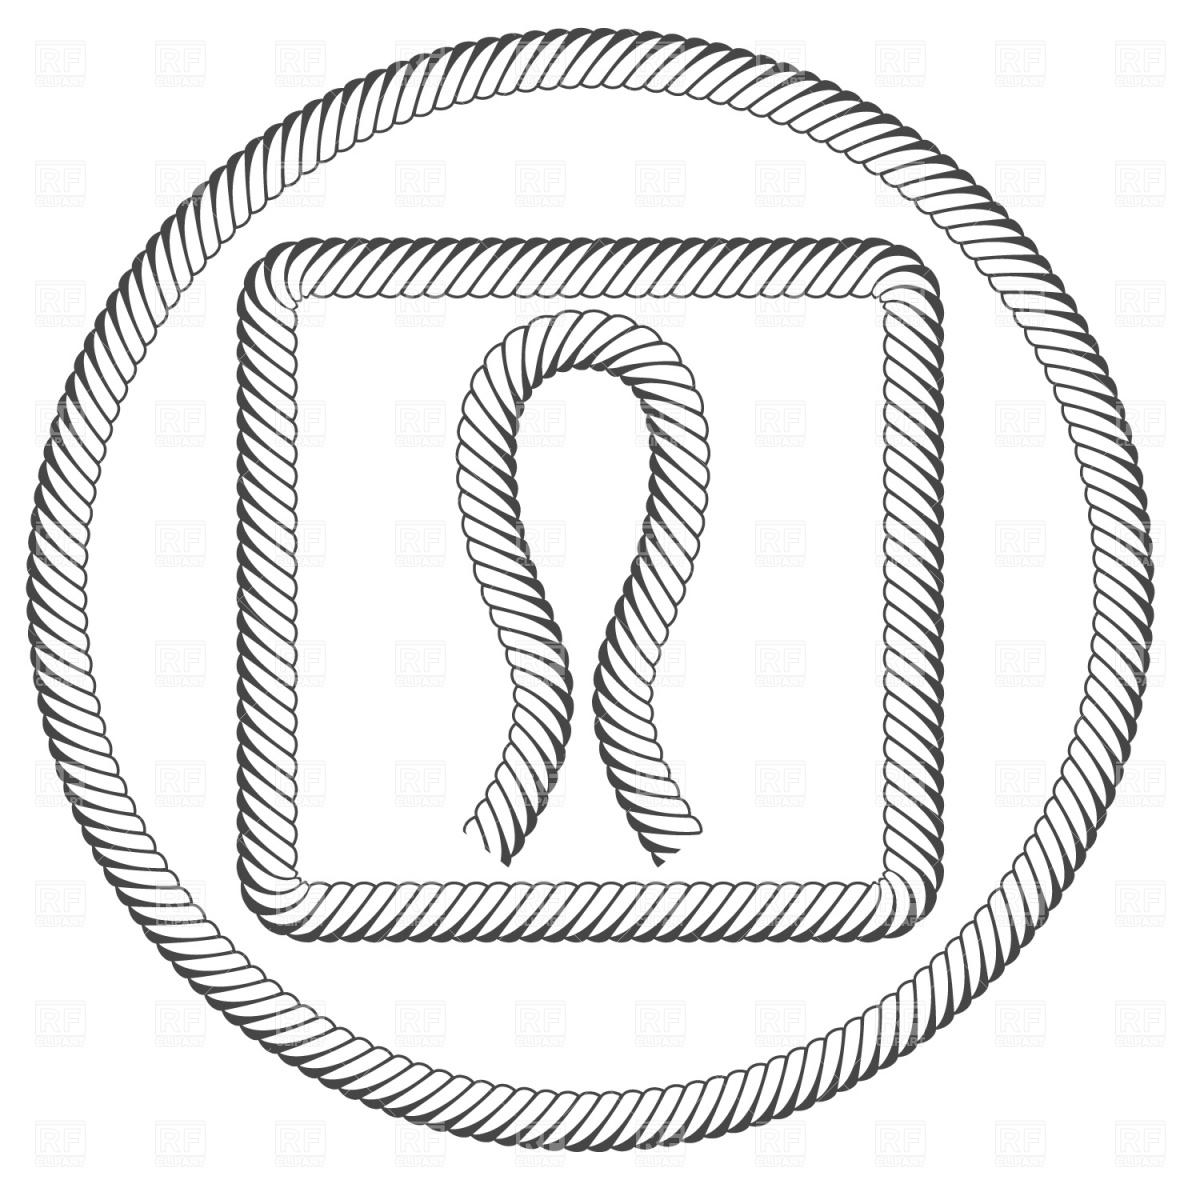 Rope Circle Vector At Getdrawings